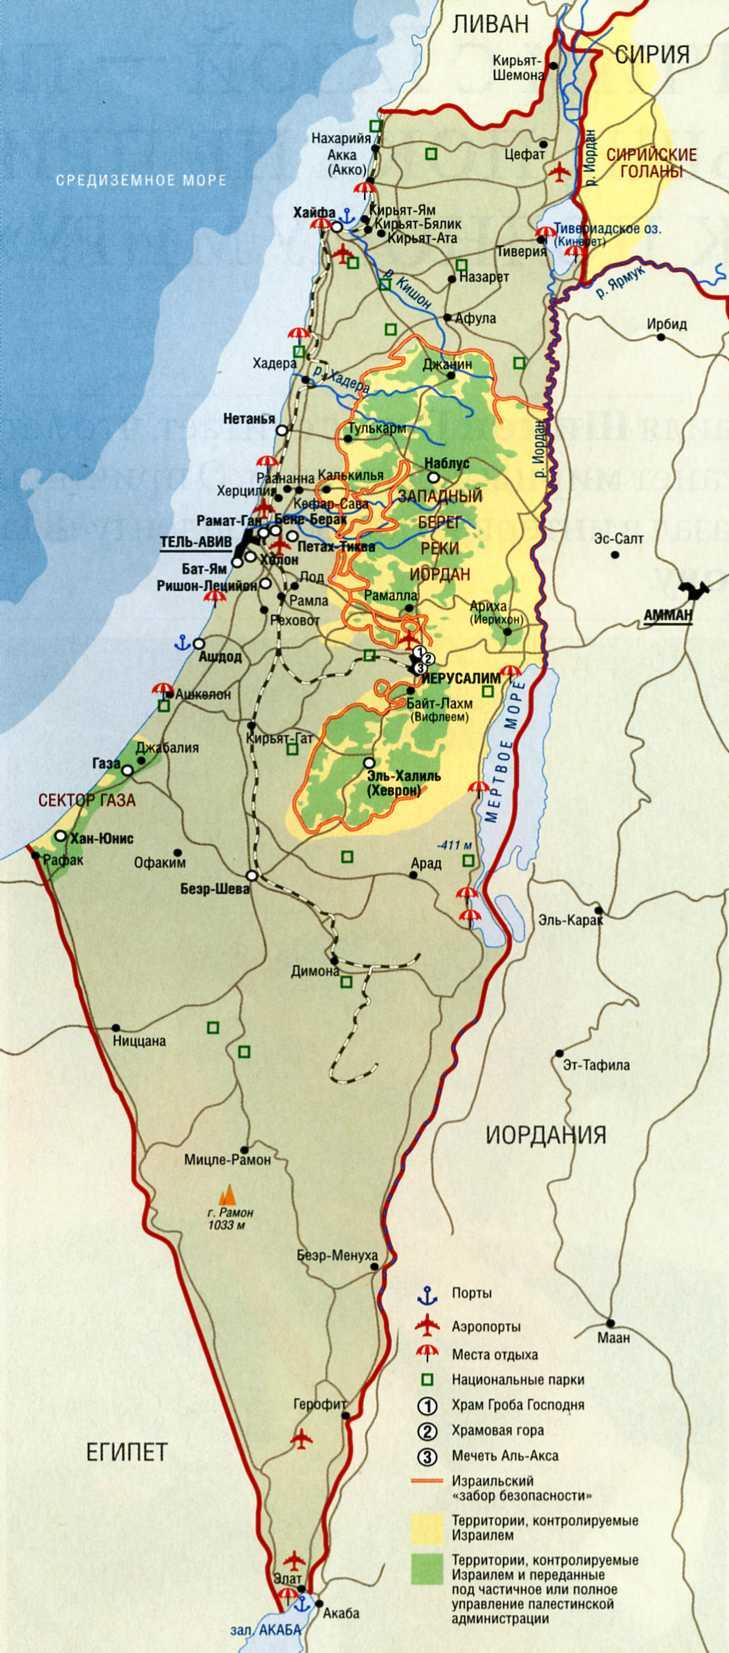 Основатели.  Категория.  Протяженность береговой линии Израиля - 147 миль.  Mazda MPV.  08 Март 05.